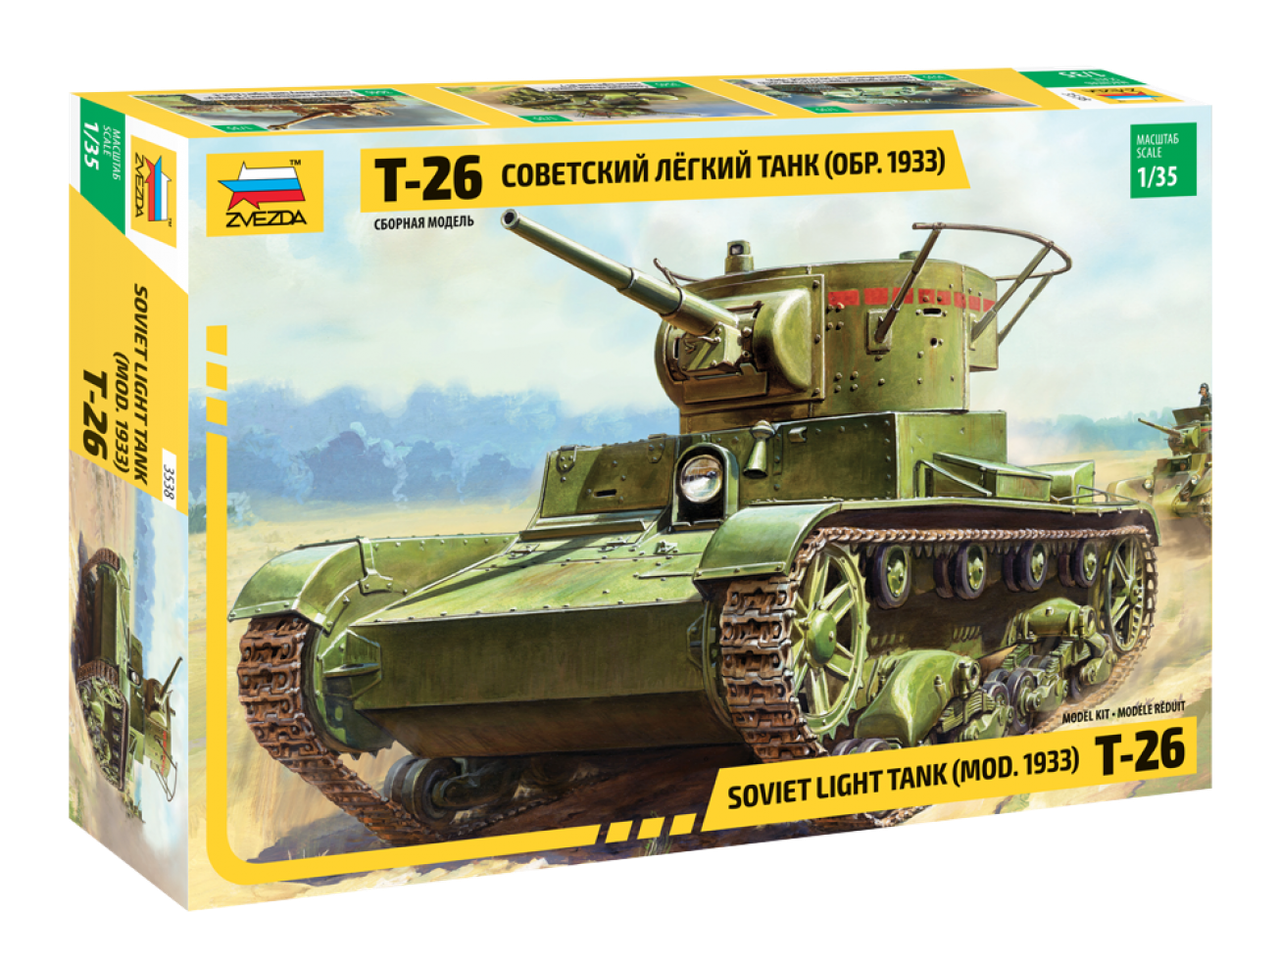 Радянський легкий танк Т-26 обр. 1933р. 1/35 ZVEZDA 3538